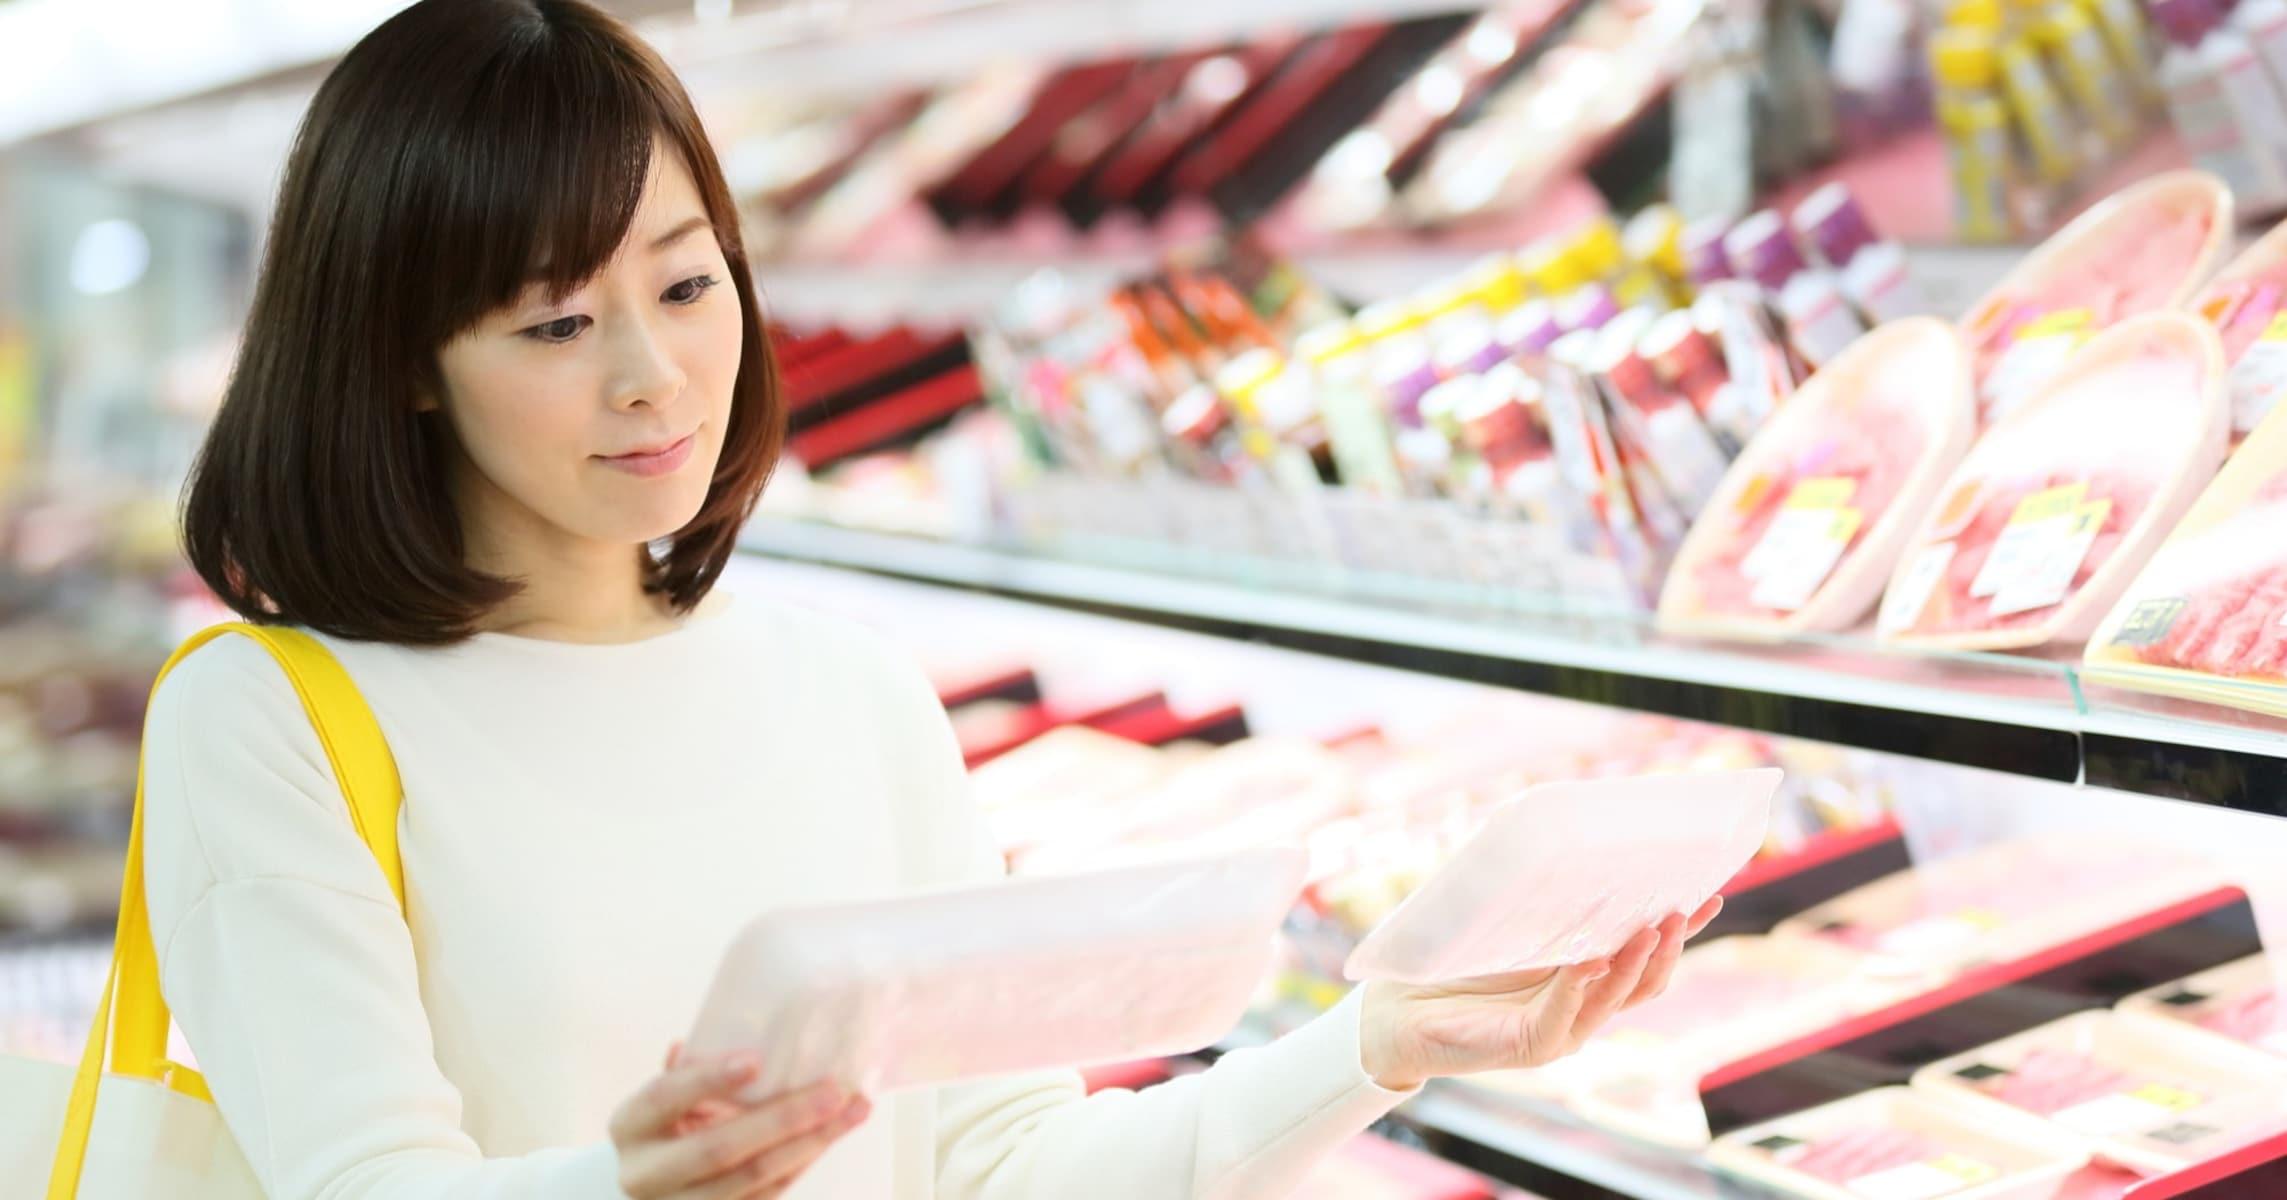 食費を月2万円に抑えるということは「想像を絶する努力」の証? 節約経験者から反響集まる